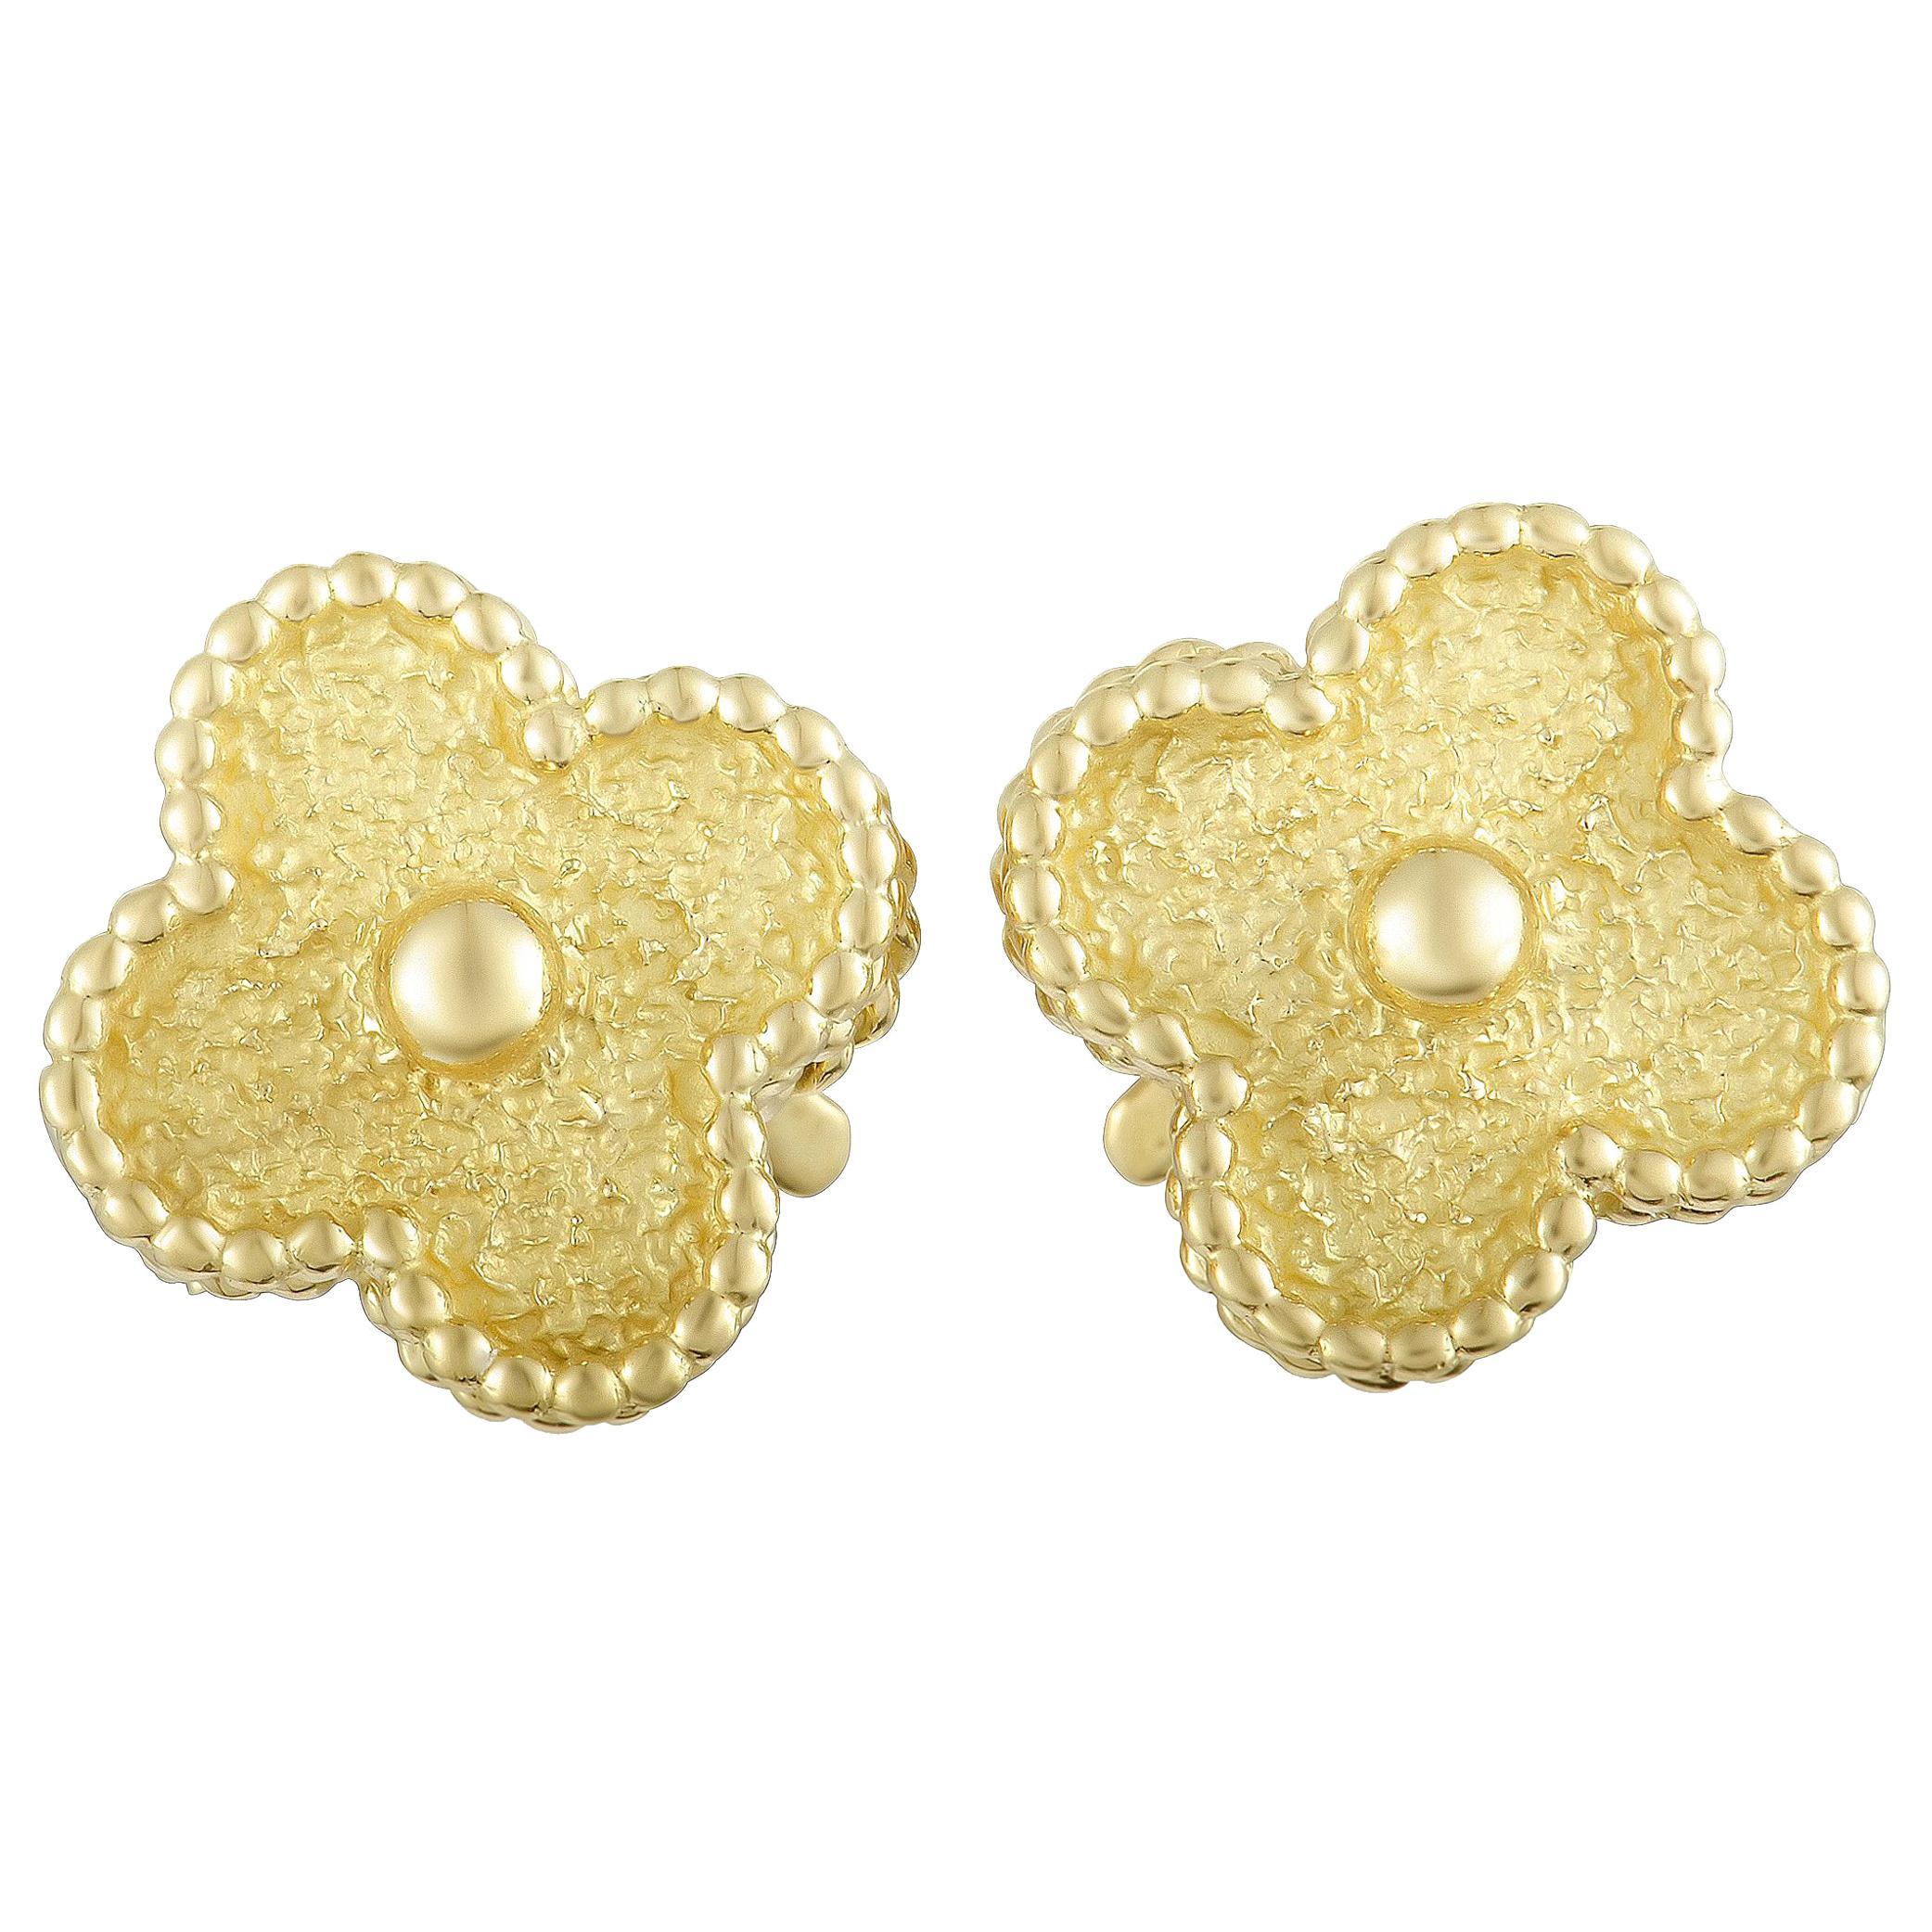 Van Cleef & Arpels Vintage Alhambra 18 Karat Yellow Gold Clip-On Earrings